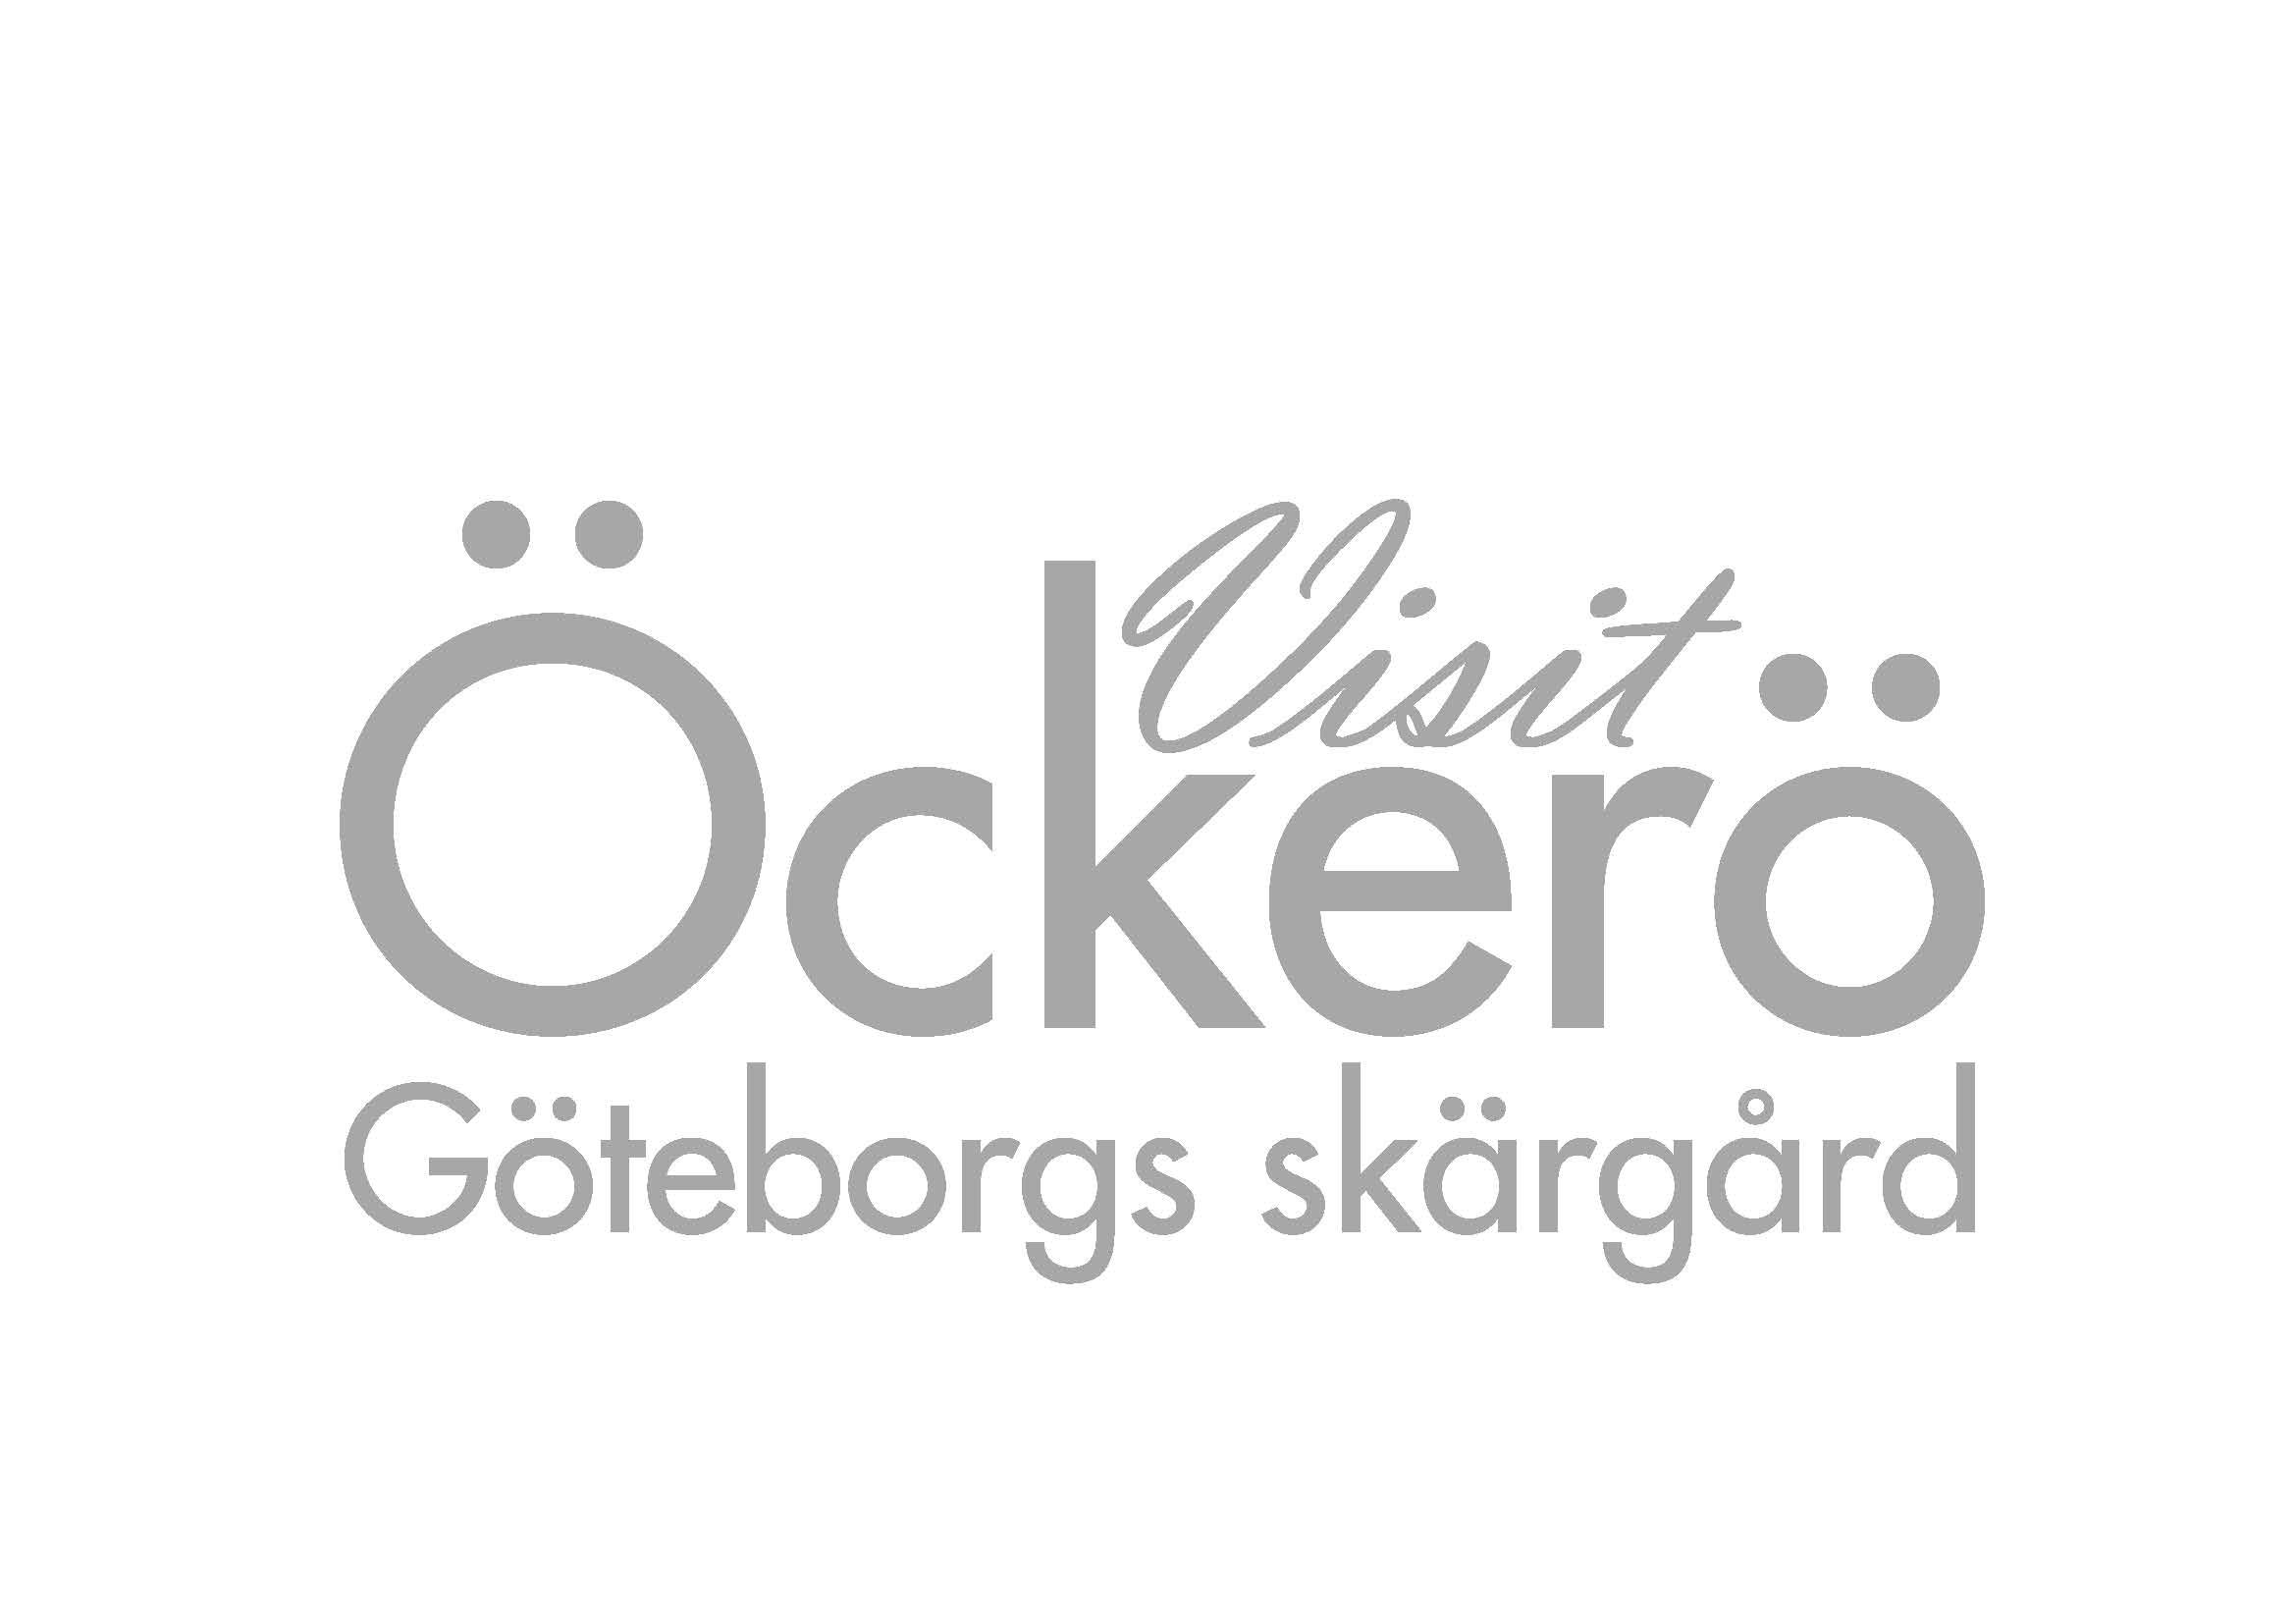 logo - visit öckerö göteborgs skärgård (grå) - 2339x1654 - 200dpi.jpg